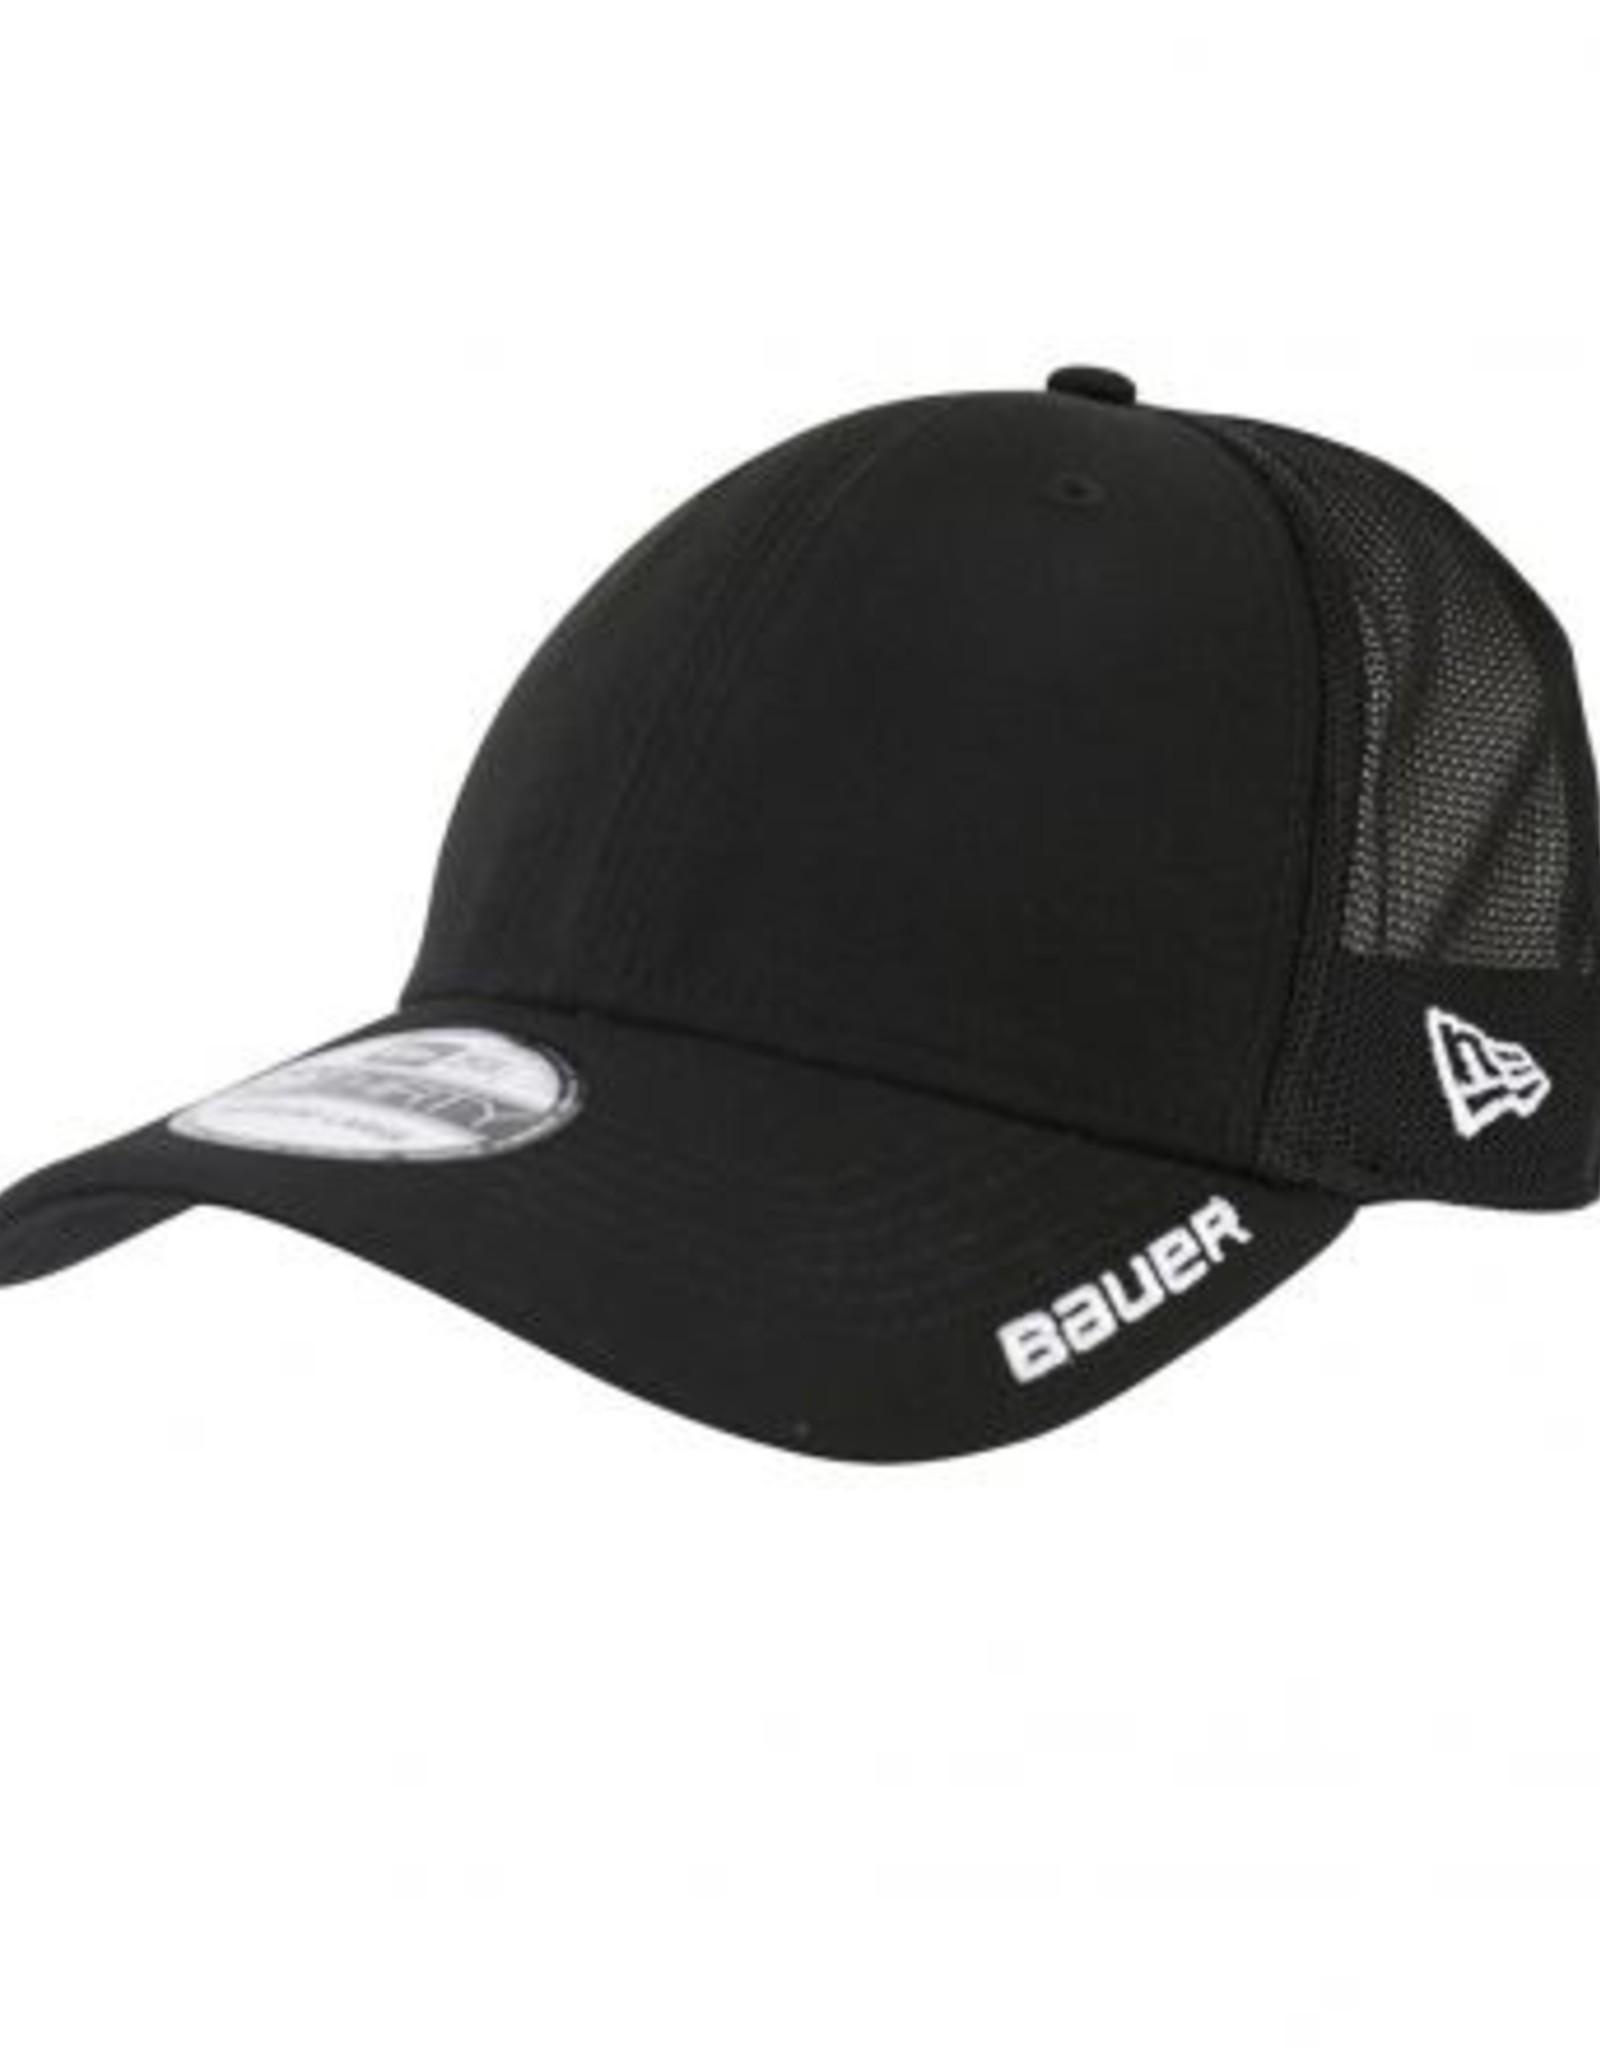 Bauer 39THIRTY TEAM MESHBACK CAP